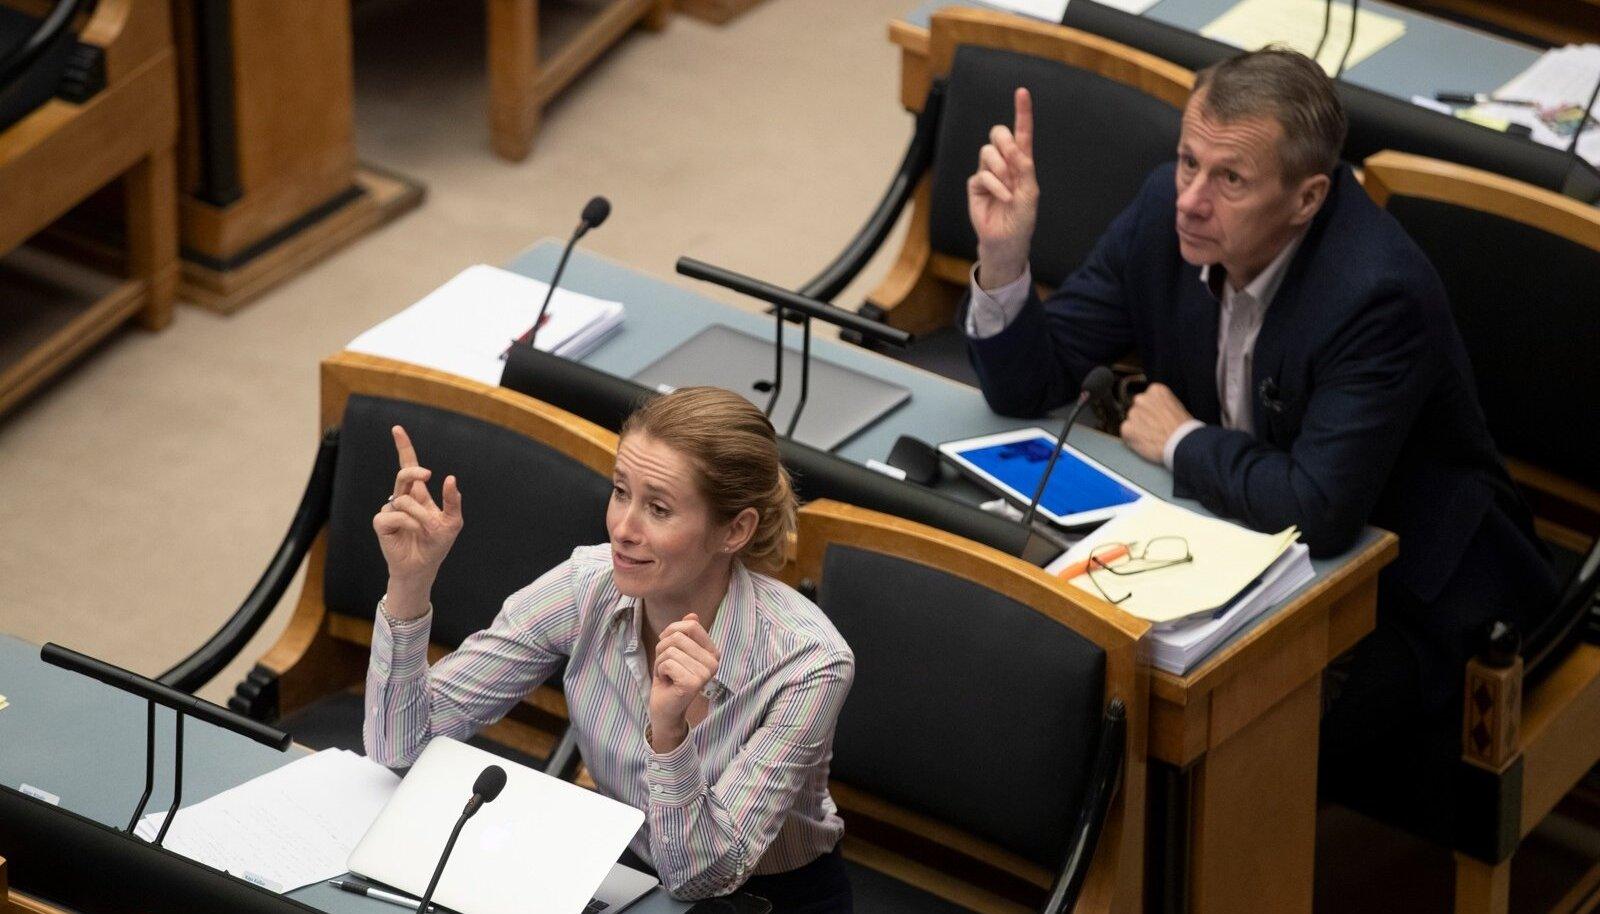 Lauri Laats: Kallas käitus Ratast rünnates rumalalt. Valitsussepääsemine lükkus jälle edasi